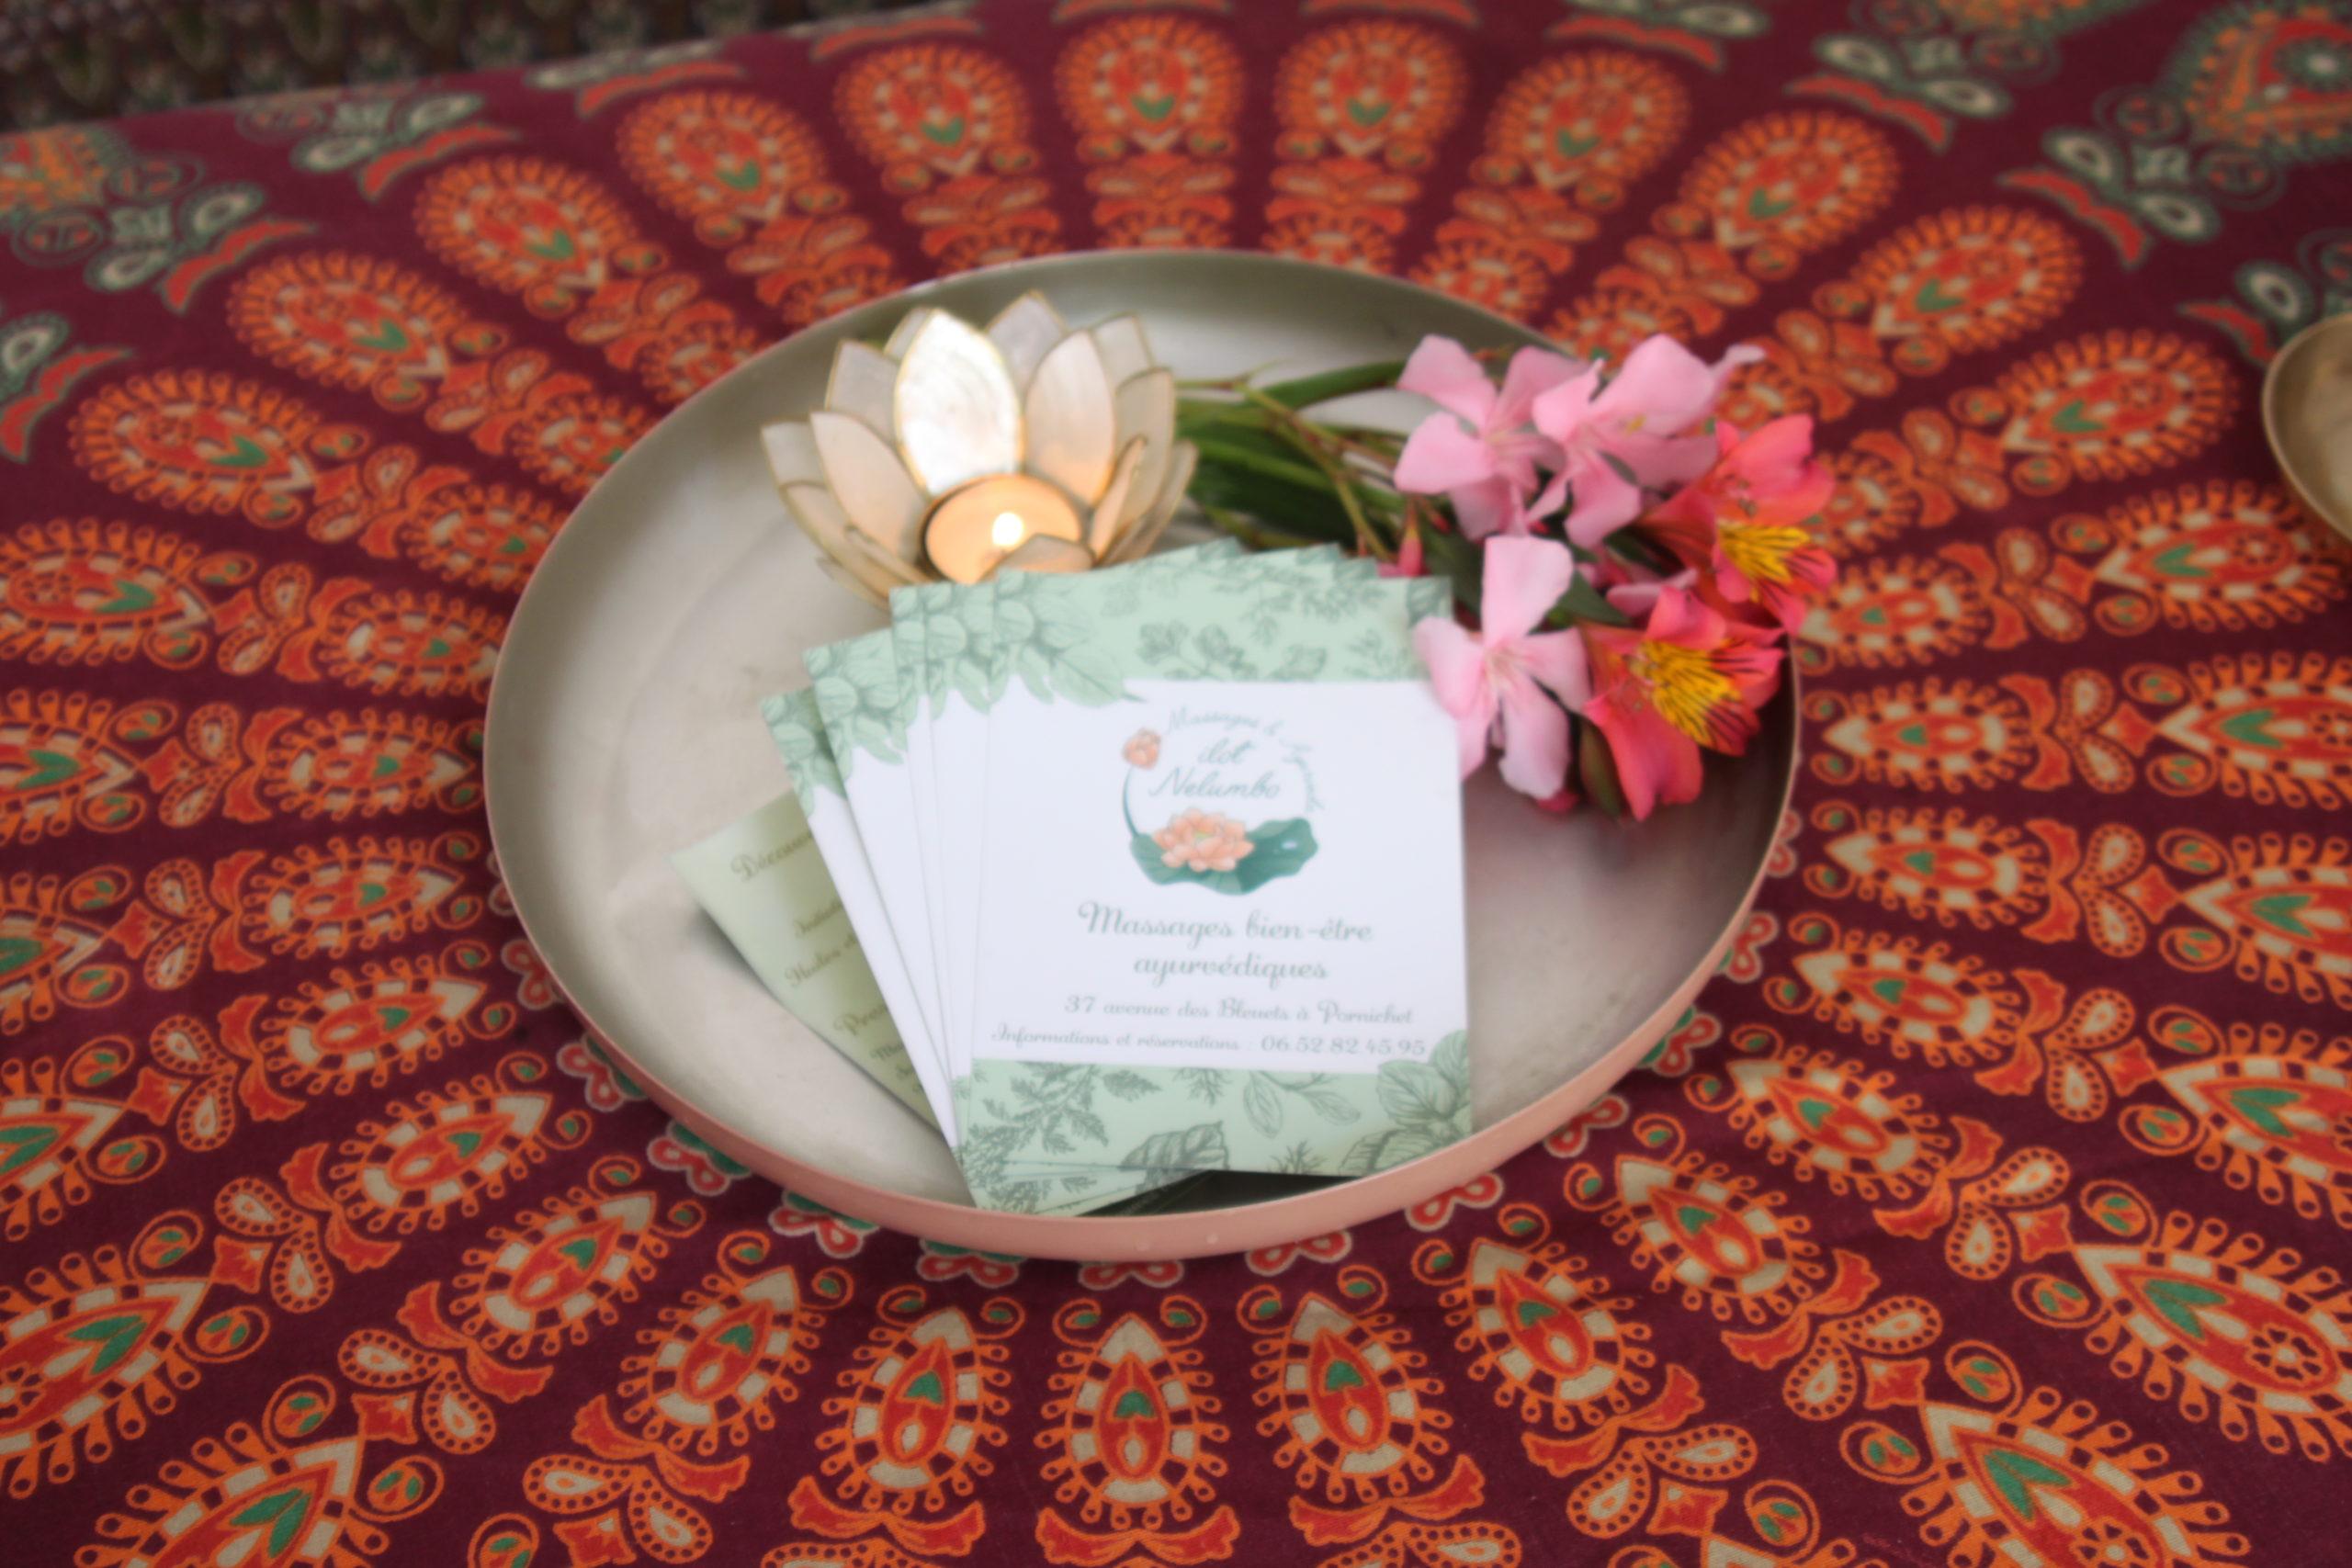 bilan et abhyanga massage femme enceint pré natal post natal massage soin pornichet la baule Saint-Nazaire ayurveda massage ayurvédique massages